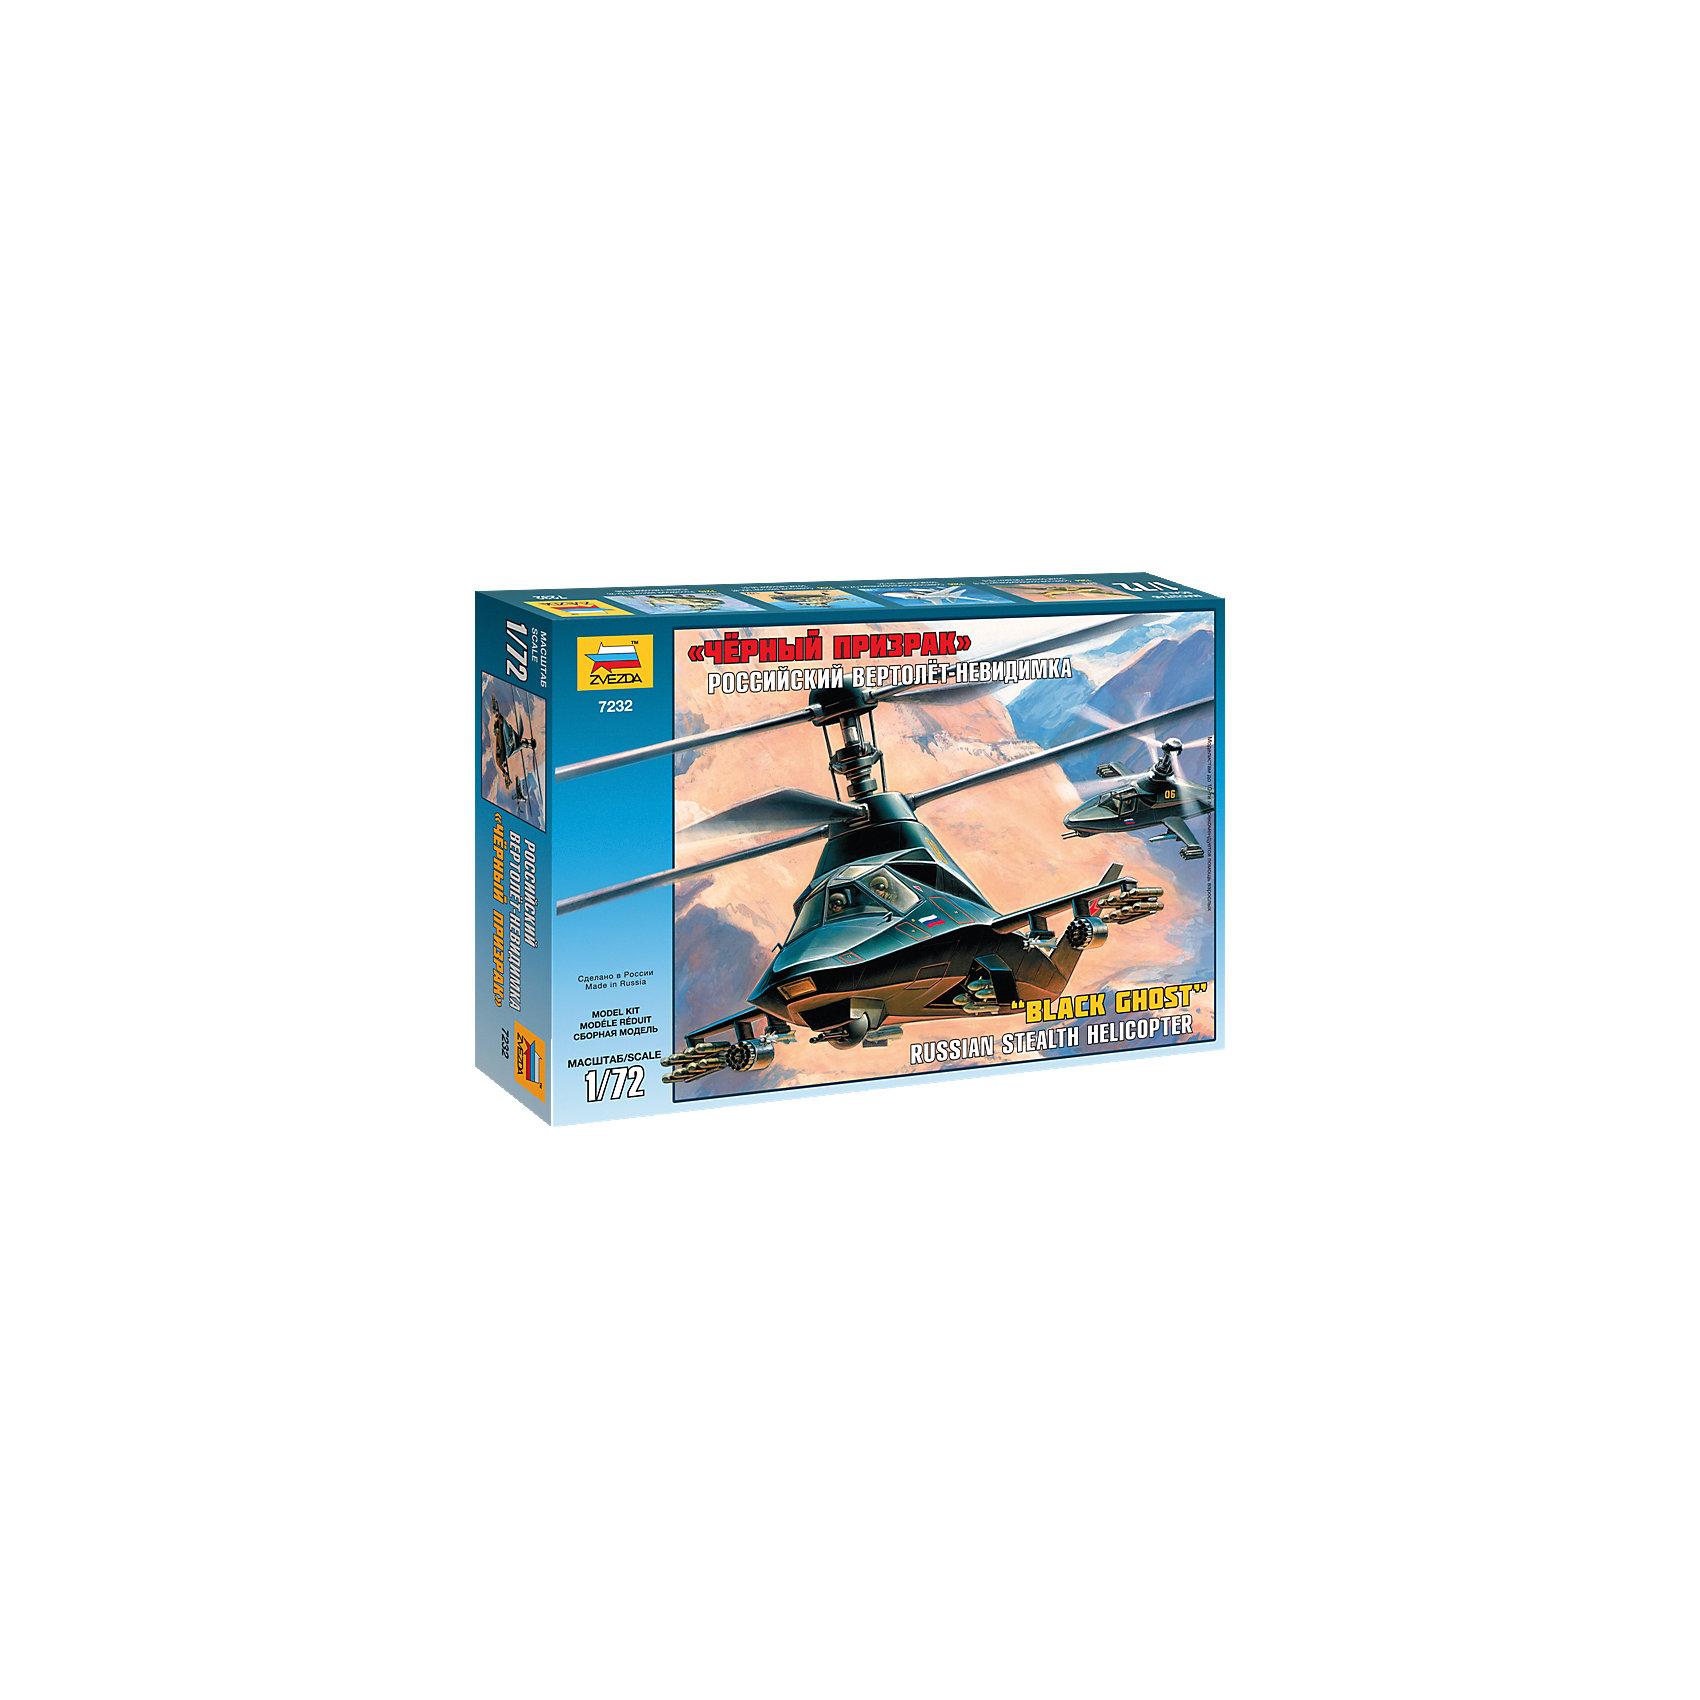 Сборная модель Звезда Вертолет Ка-58. Черный призрак, 1:72Модели для склеивания<br>Модель сборная Вертолет Ка-58 Черный призрак (Россия)<br><br>Ширина мм: 304<br>Глубина мм: 50<br>Высота мм: 205<br>Вес г: 230<br>Возраст от месяцев: 36<br>Возраст до месяцев: 180<br>Пол: Мужской<br>Возраст: Детский<br>SKU: 7086534